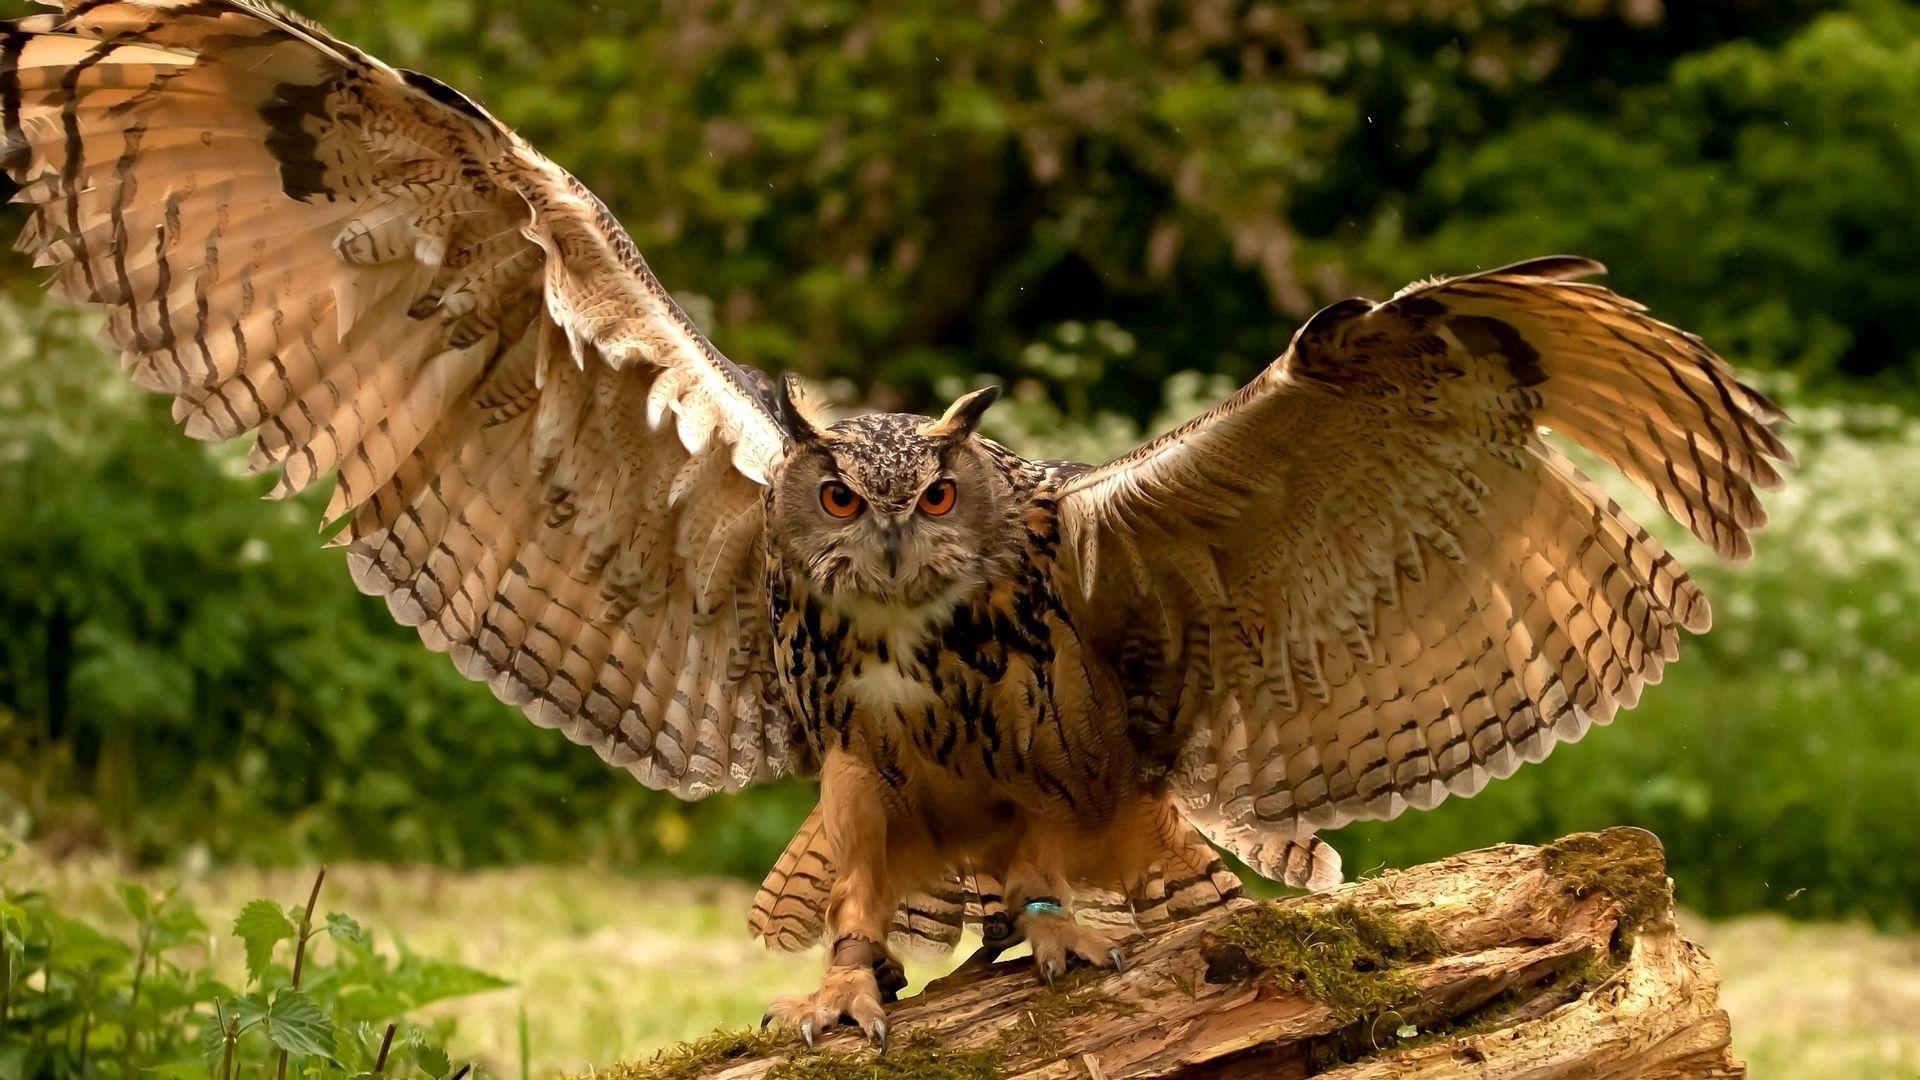 125331 Hintergrundbild herunterladen Raubtier, Tiere, Eule, Predator, Flügel, Welle, Fegen - Bildschirmschoner und Bilder kostenlos